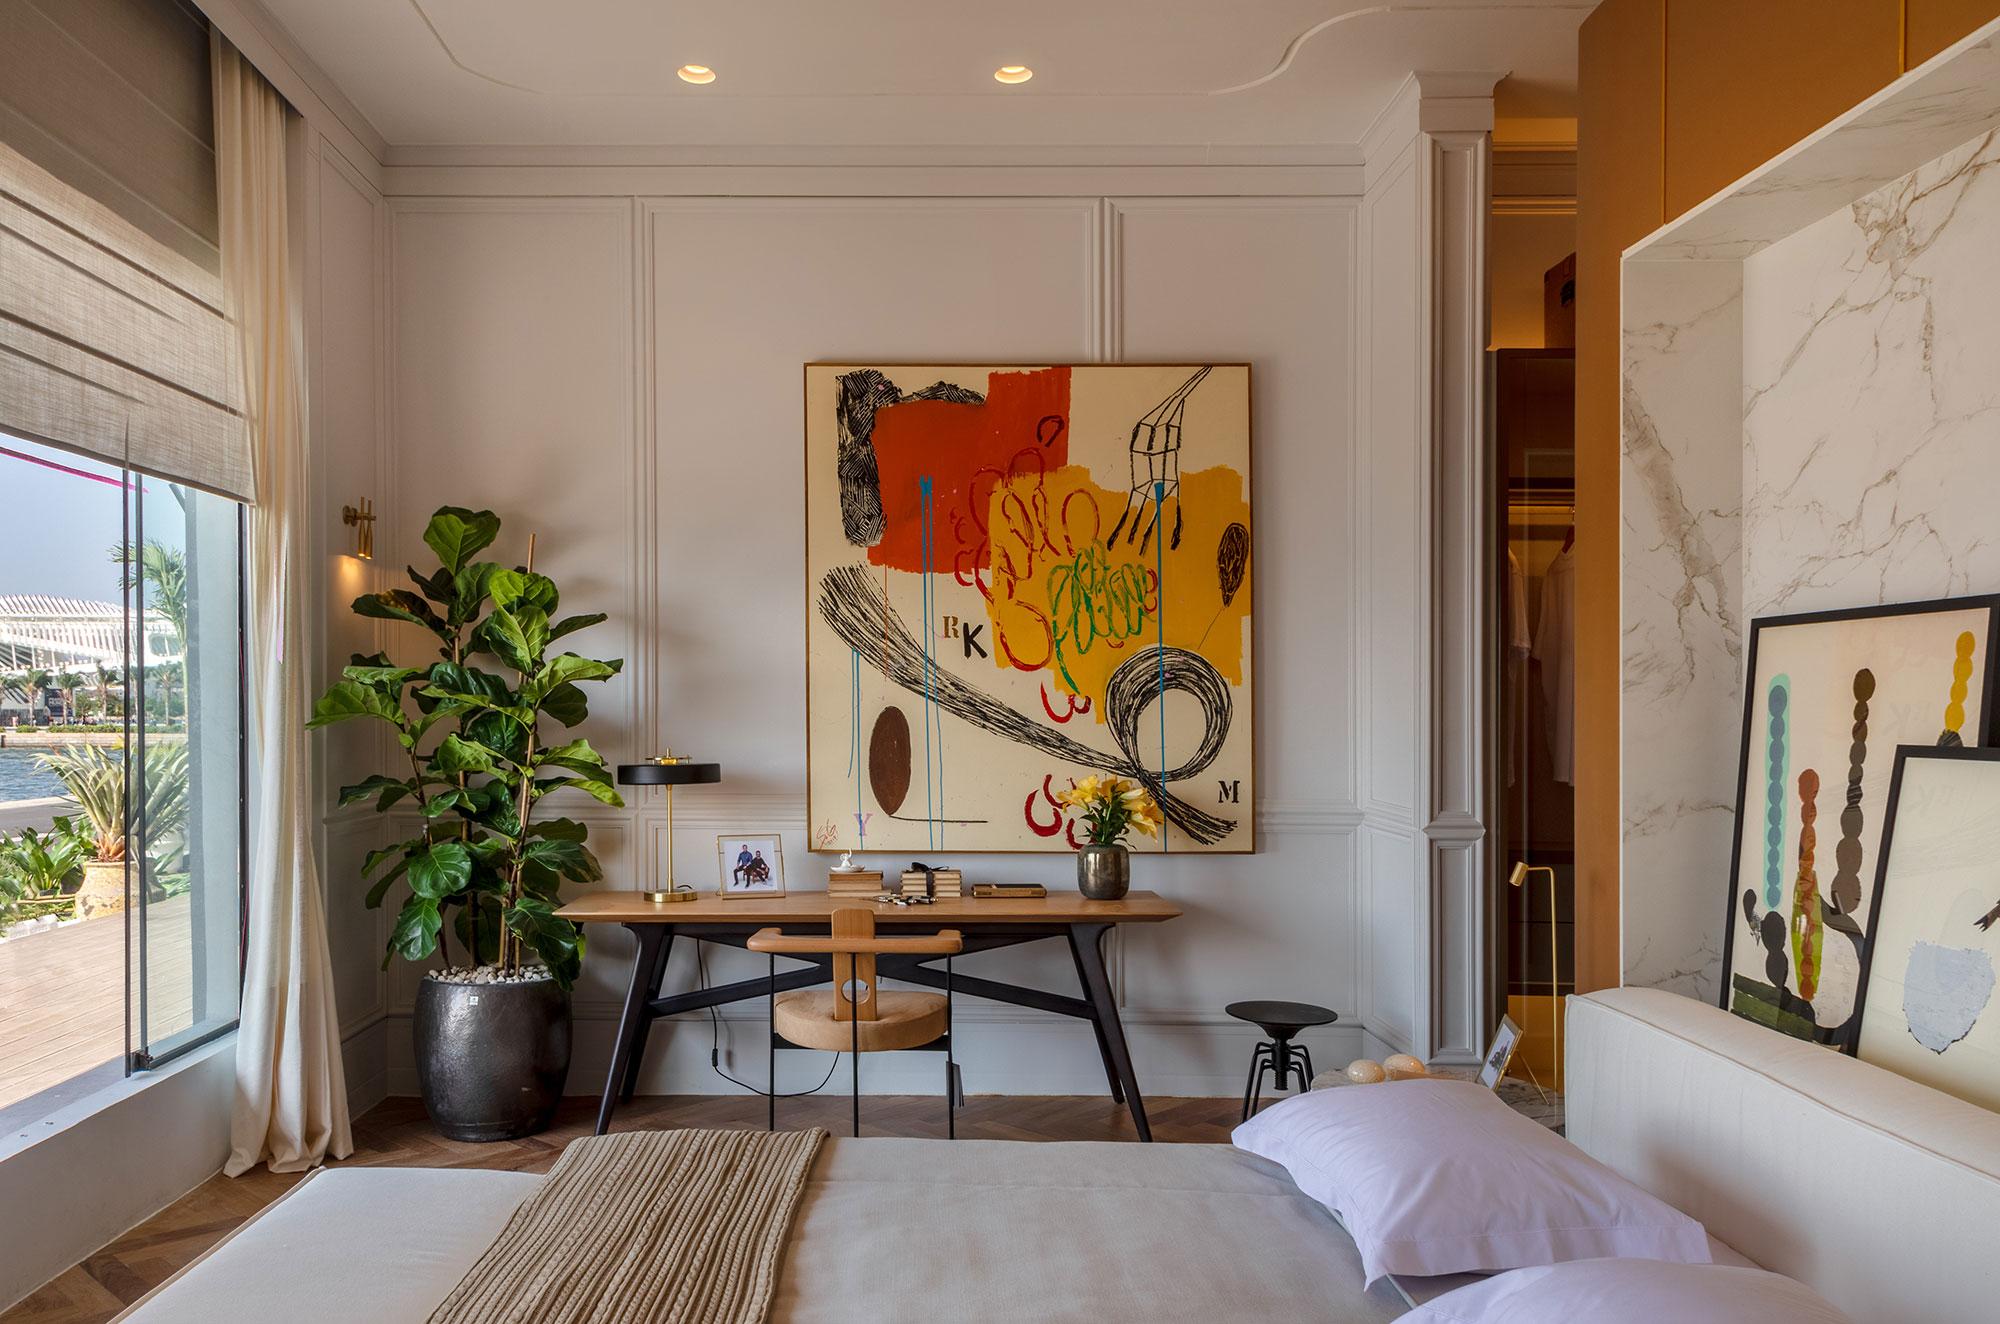 casacor rio 2019 home office escritório decoração